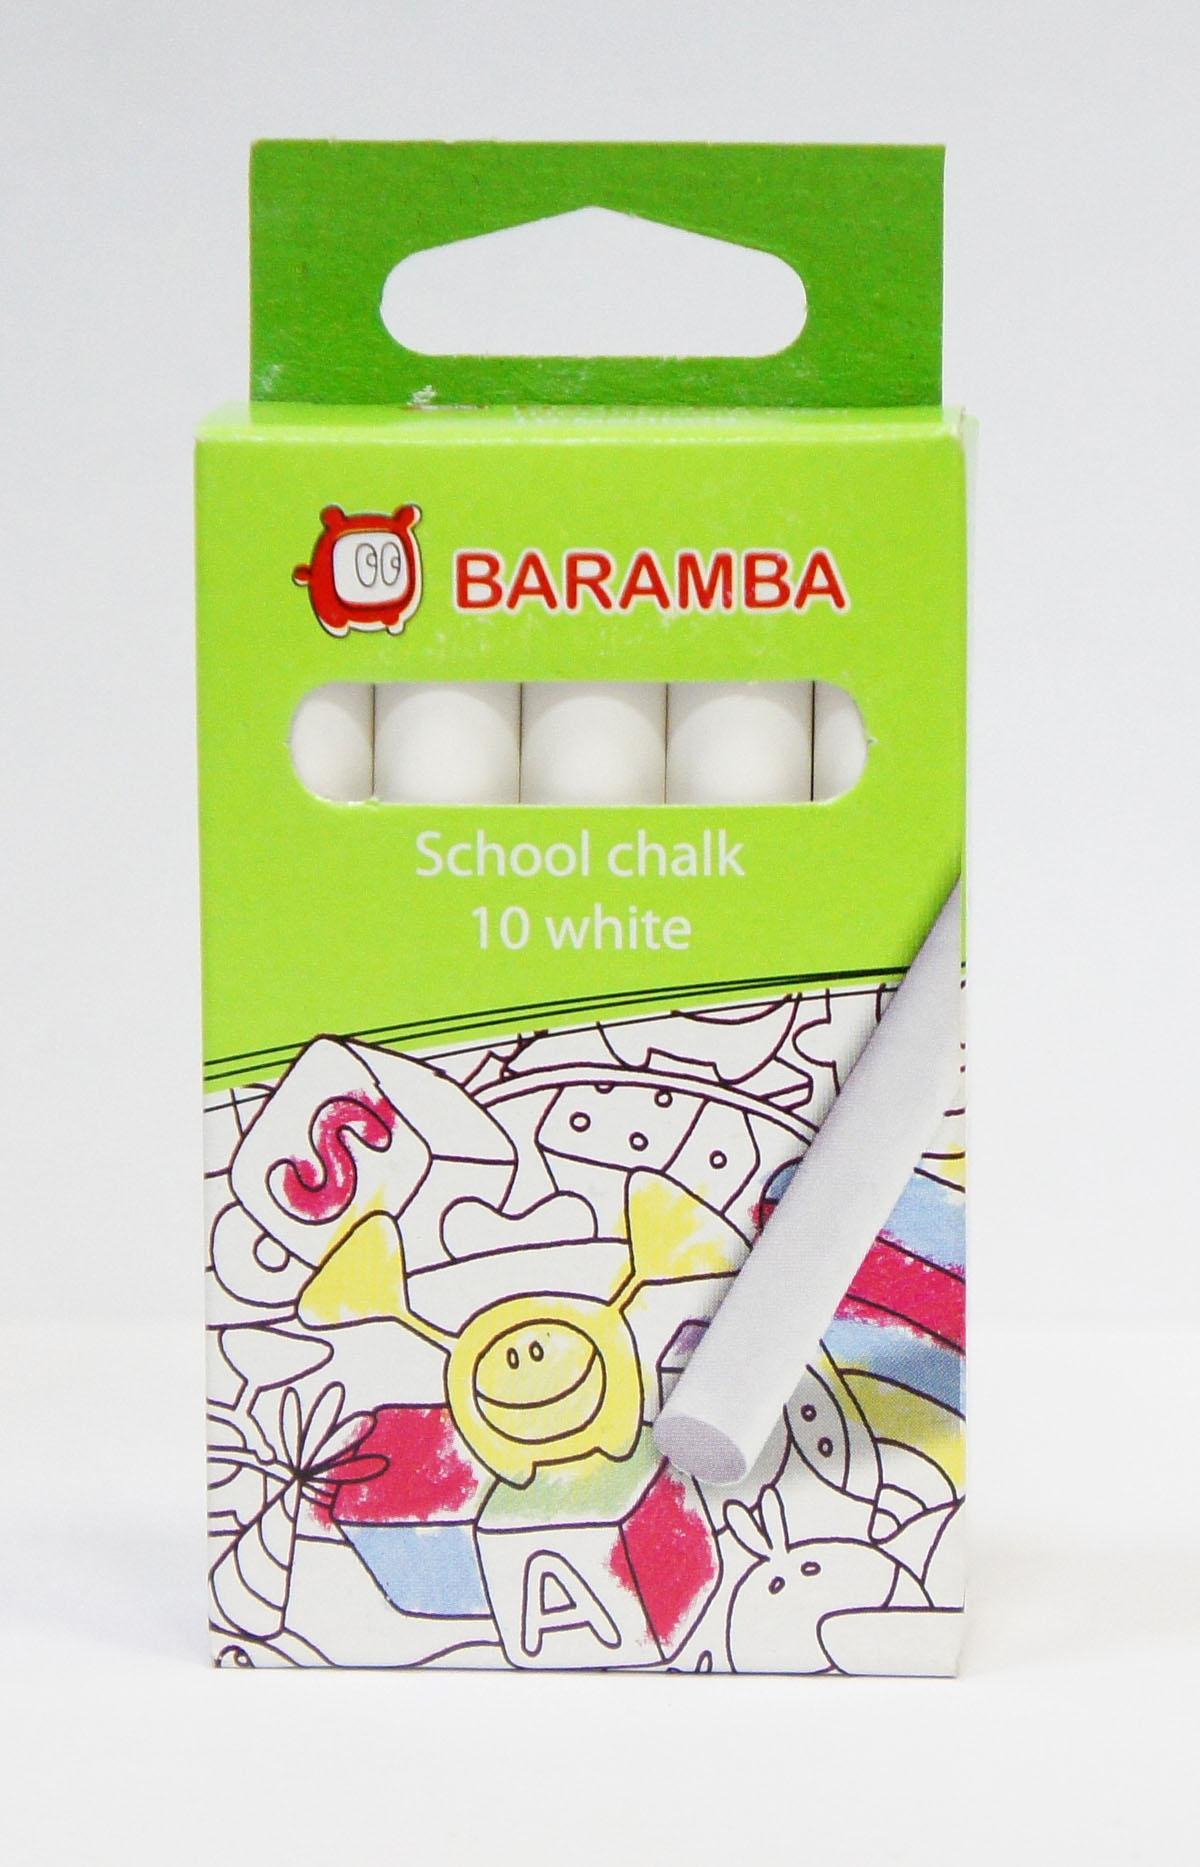 Мелки белые Baramba School chalk, 10 штFS-36054Белые мелки Baramba School chalk с круглым корпусом предназначены для письма и рисования на школьных досках, асфальте, ватмане, дереве и бетоне. Состоят на 98% из карбоната кальция. Удобны в использовании, не крошатся, не царапают доску, не пачкают руки, яркие насыщенные цвета в наборах цветного мела.Рисование мелками интересное и увлекательное занятие. Порадуйте своего ребенка таким замечательным подарком!Не рекомендуется детям до 3-х лет.